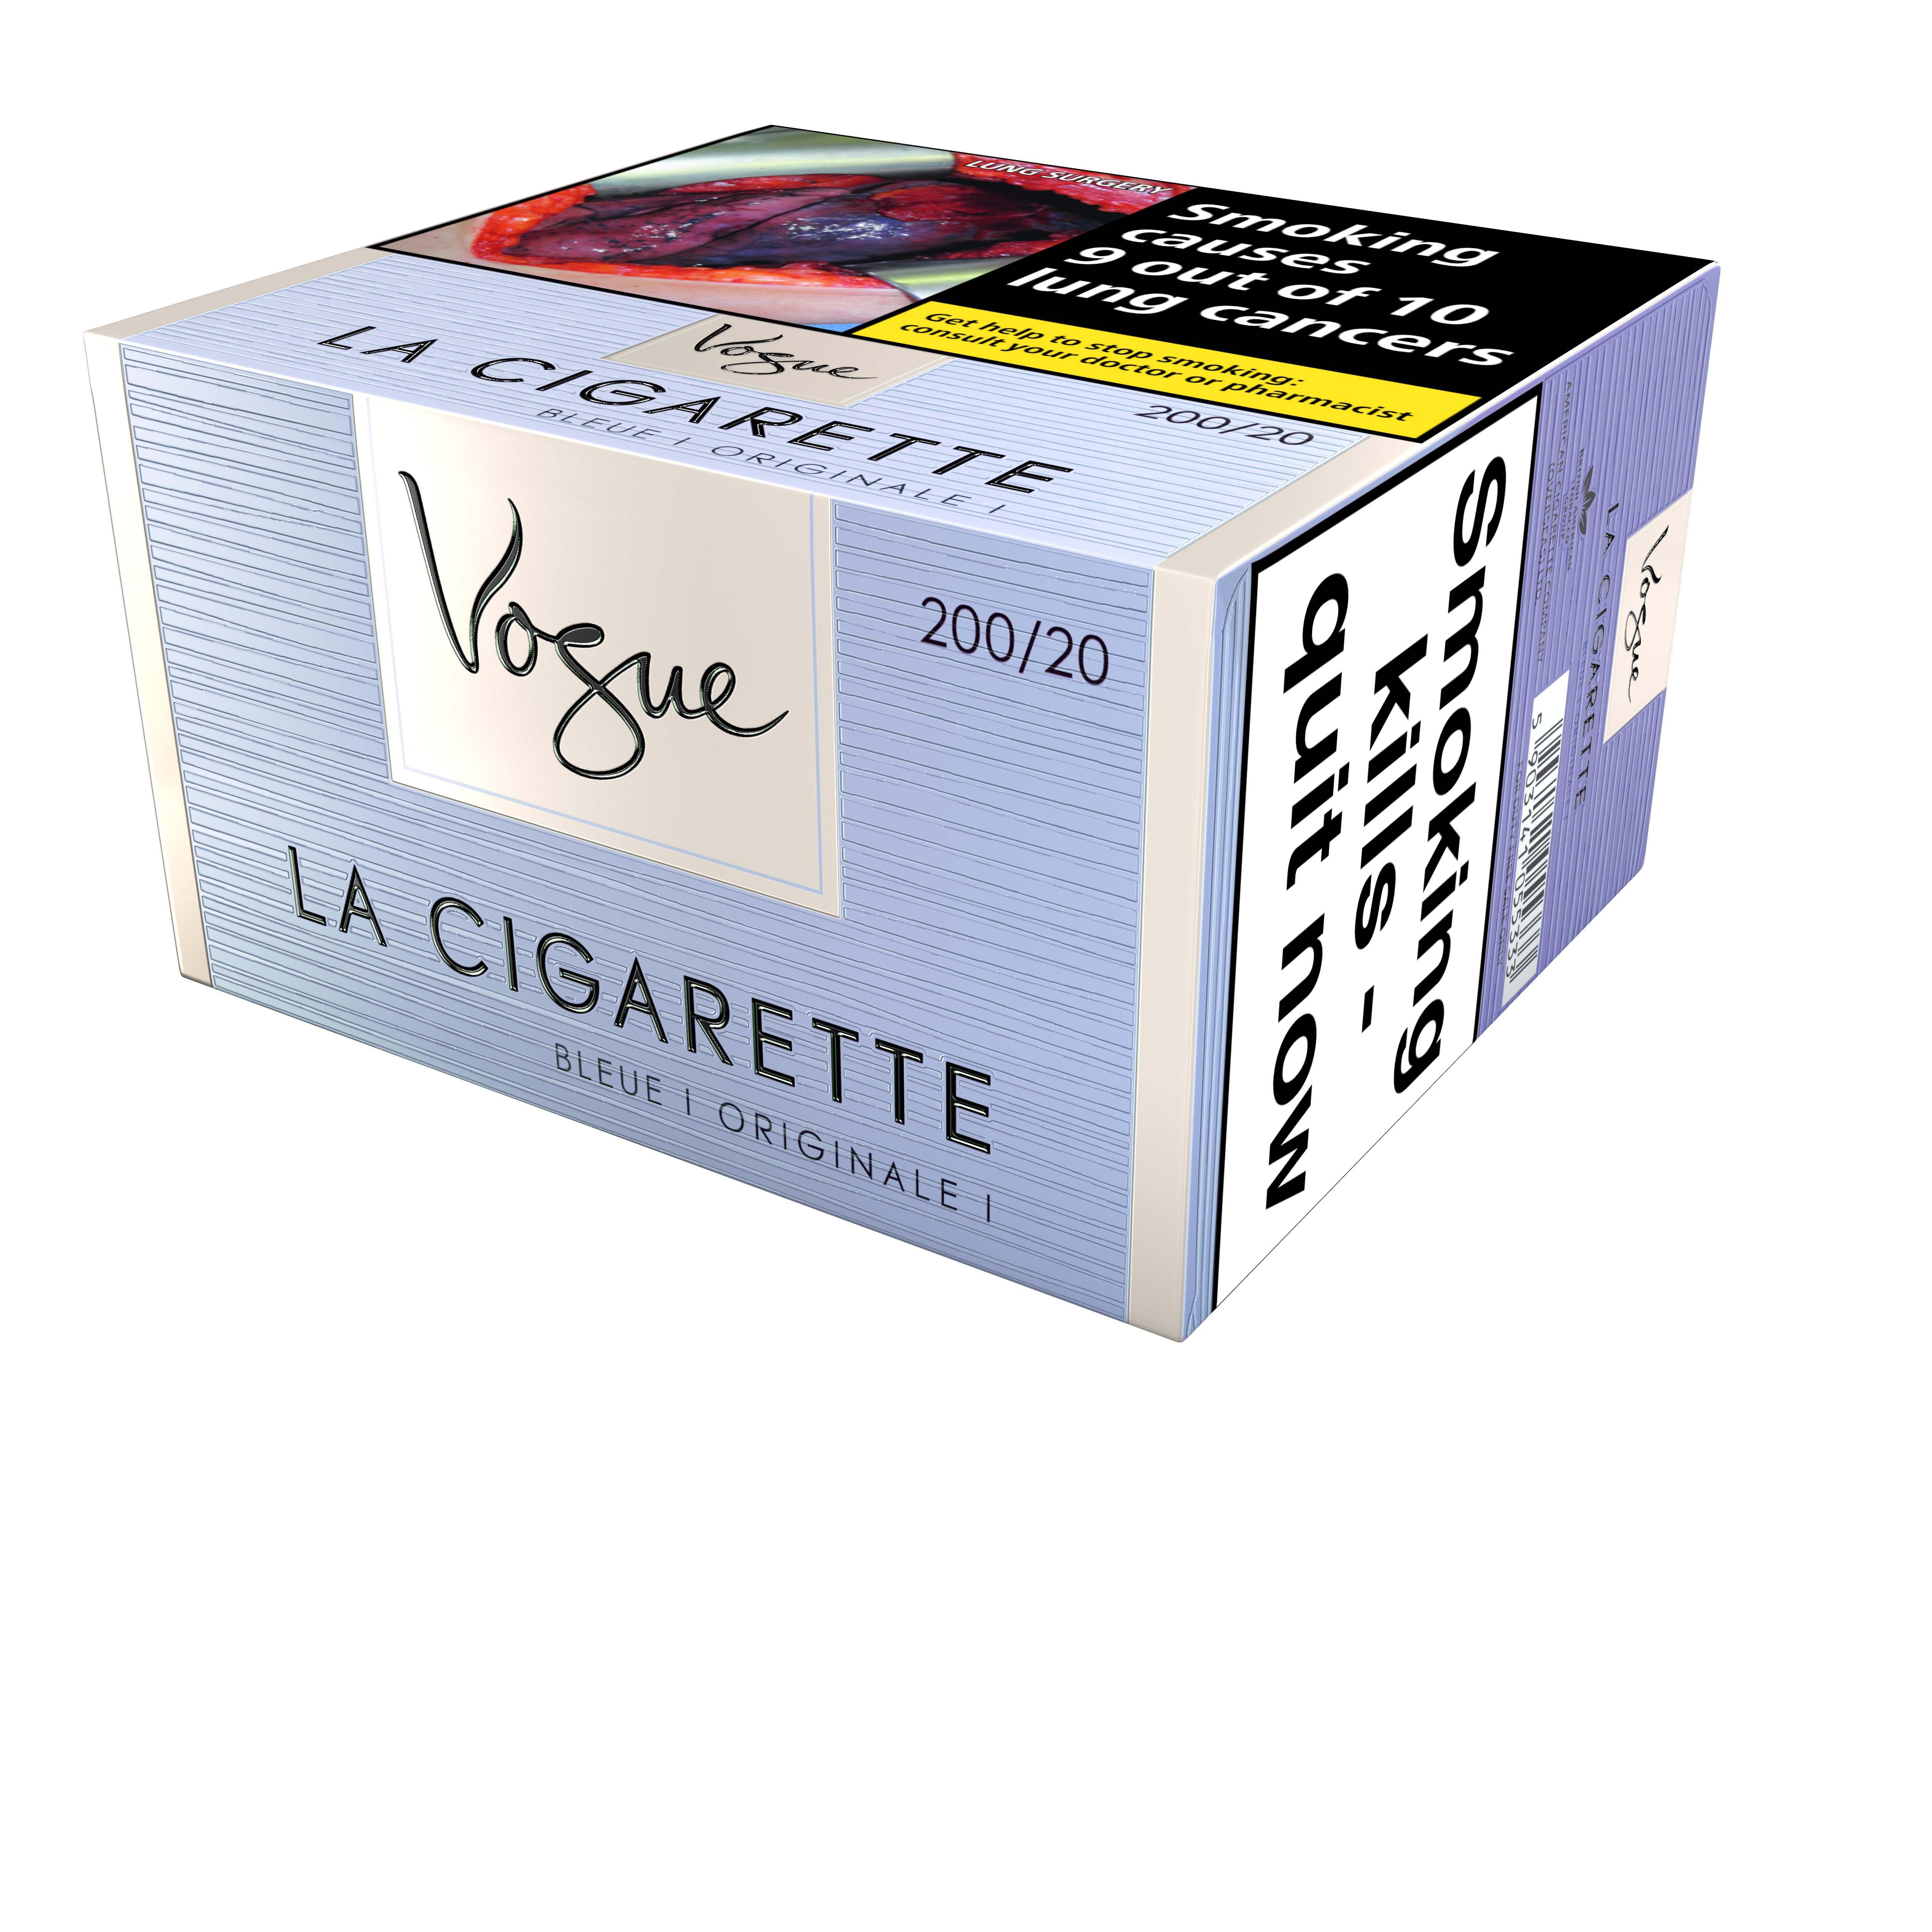 Vogue Superslims Bleue, 200er Stange